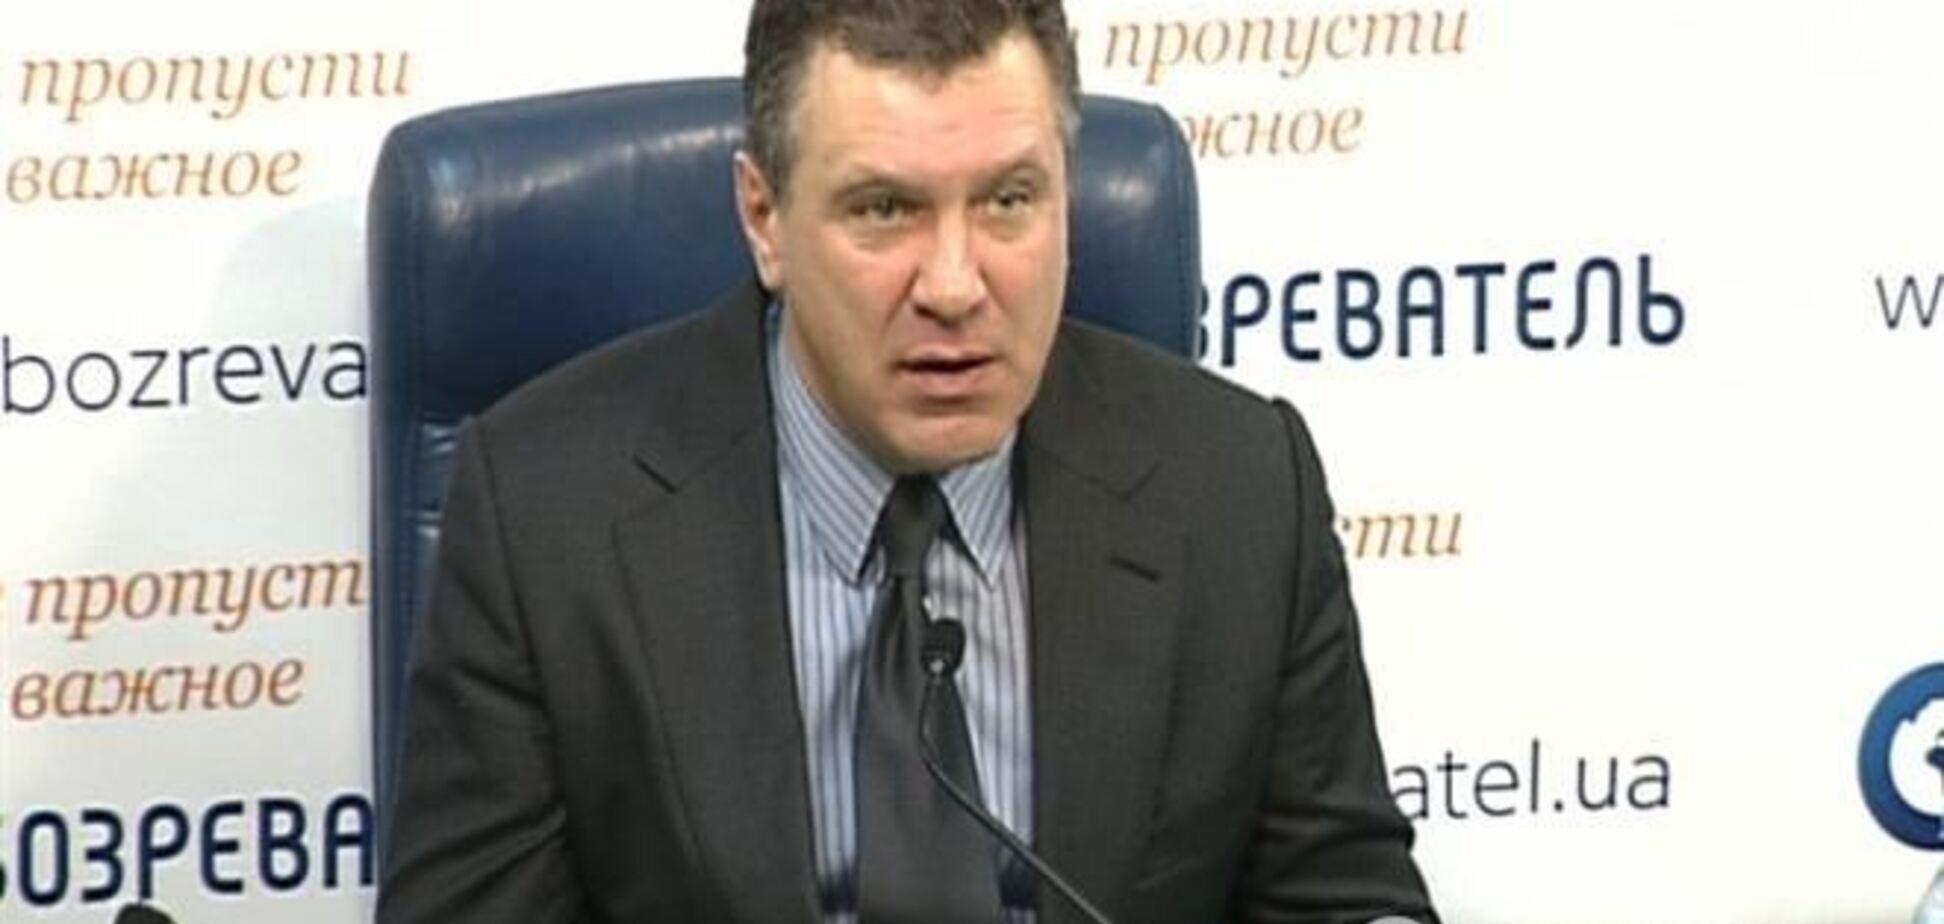 І опозиція, і влада ведуть Україну до розорення - Беркут